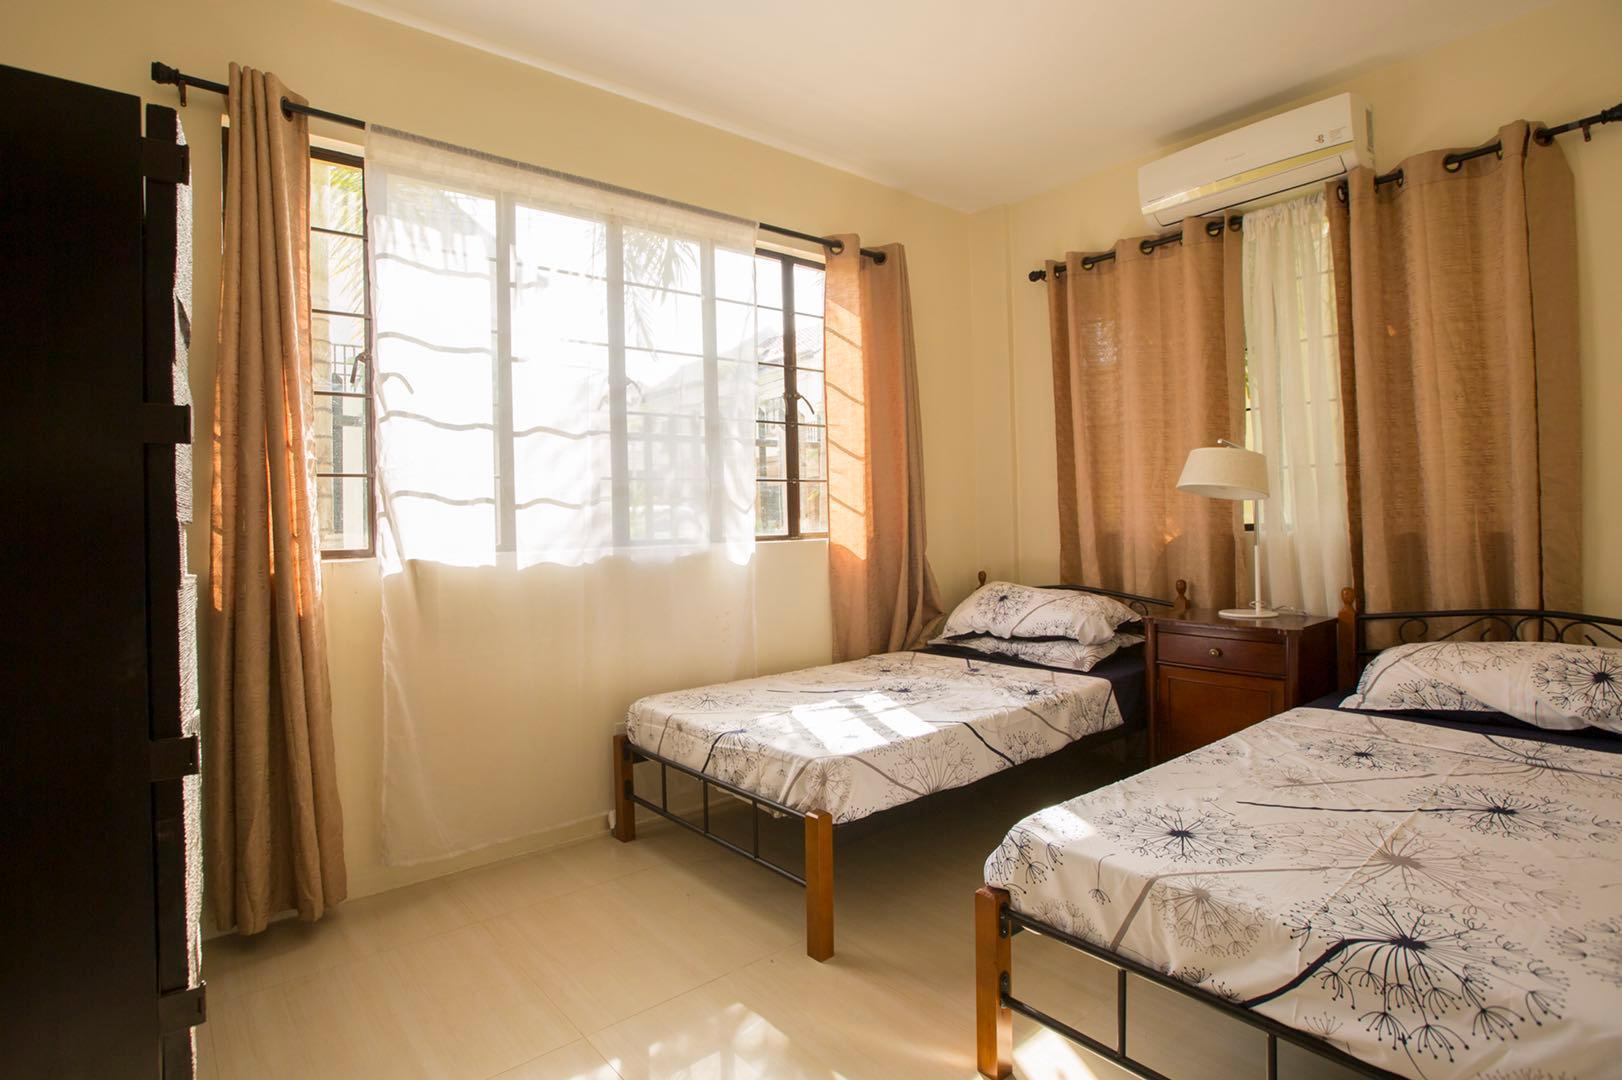 Xixili JoeandFlo Double Bed Room 2